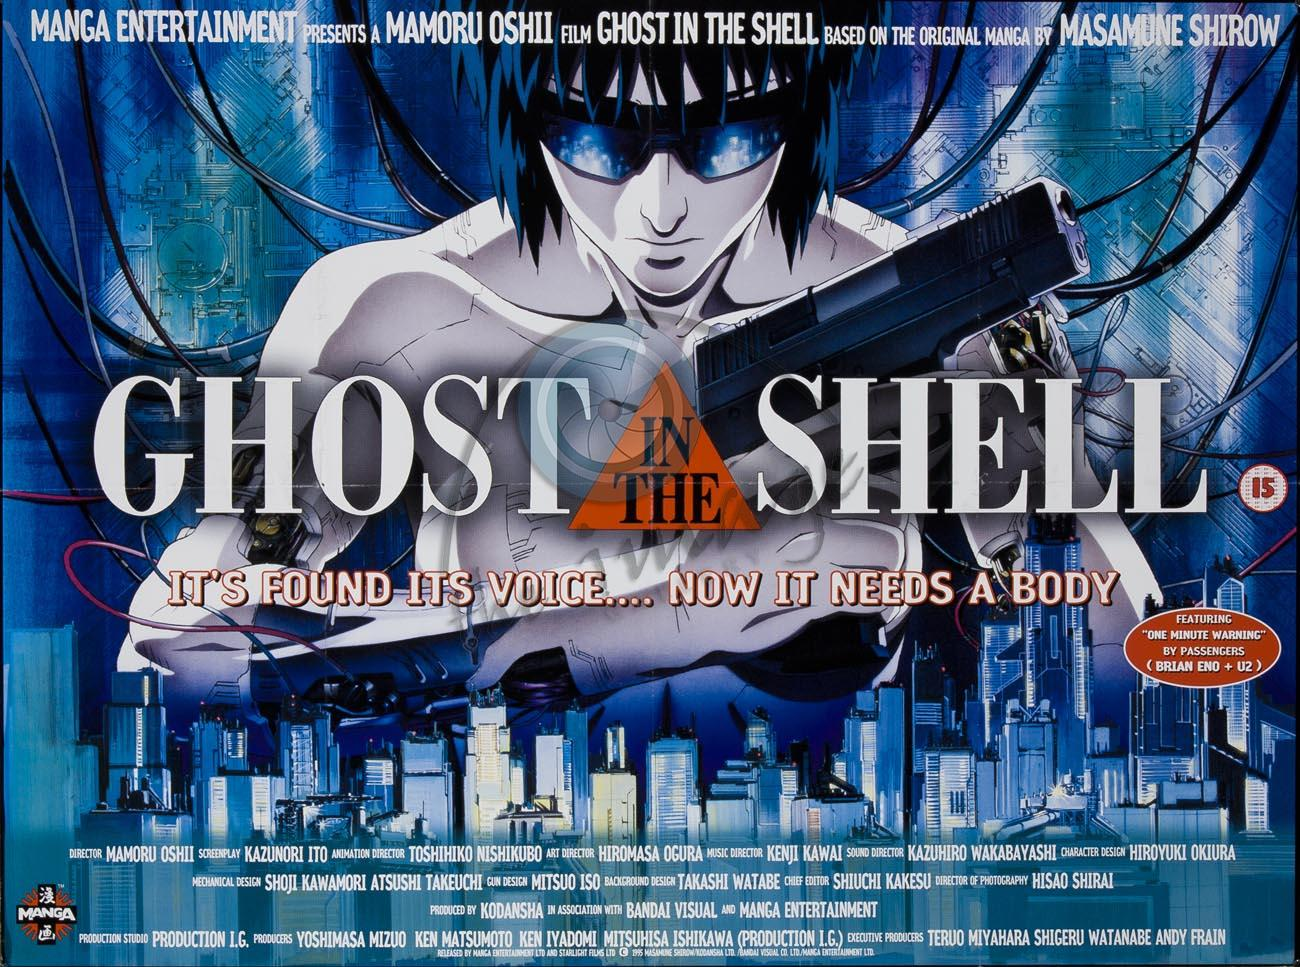 Ghost In The Shell (1995) u2013 Mamoru Oshii u2013 The Mind Reels